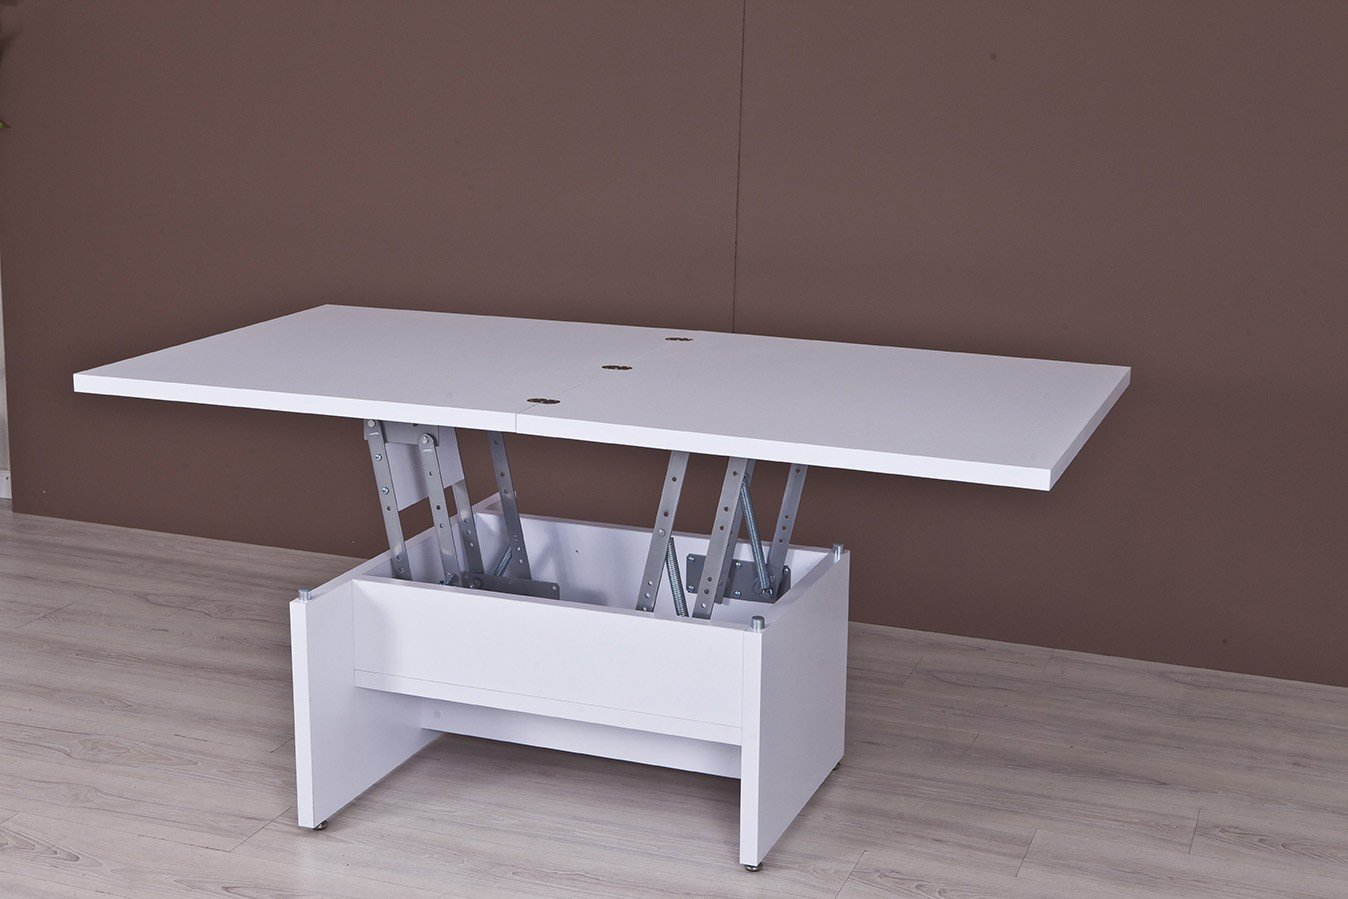 Mesa de Centro Sabadell 2050 blanco: Amazon.es: Hogar